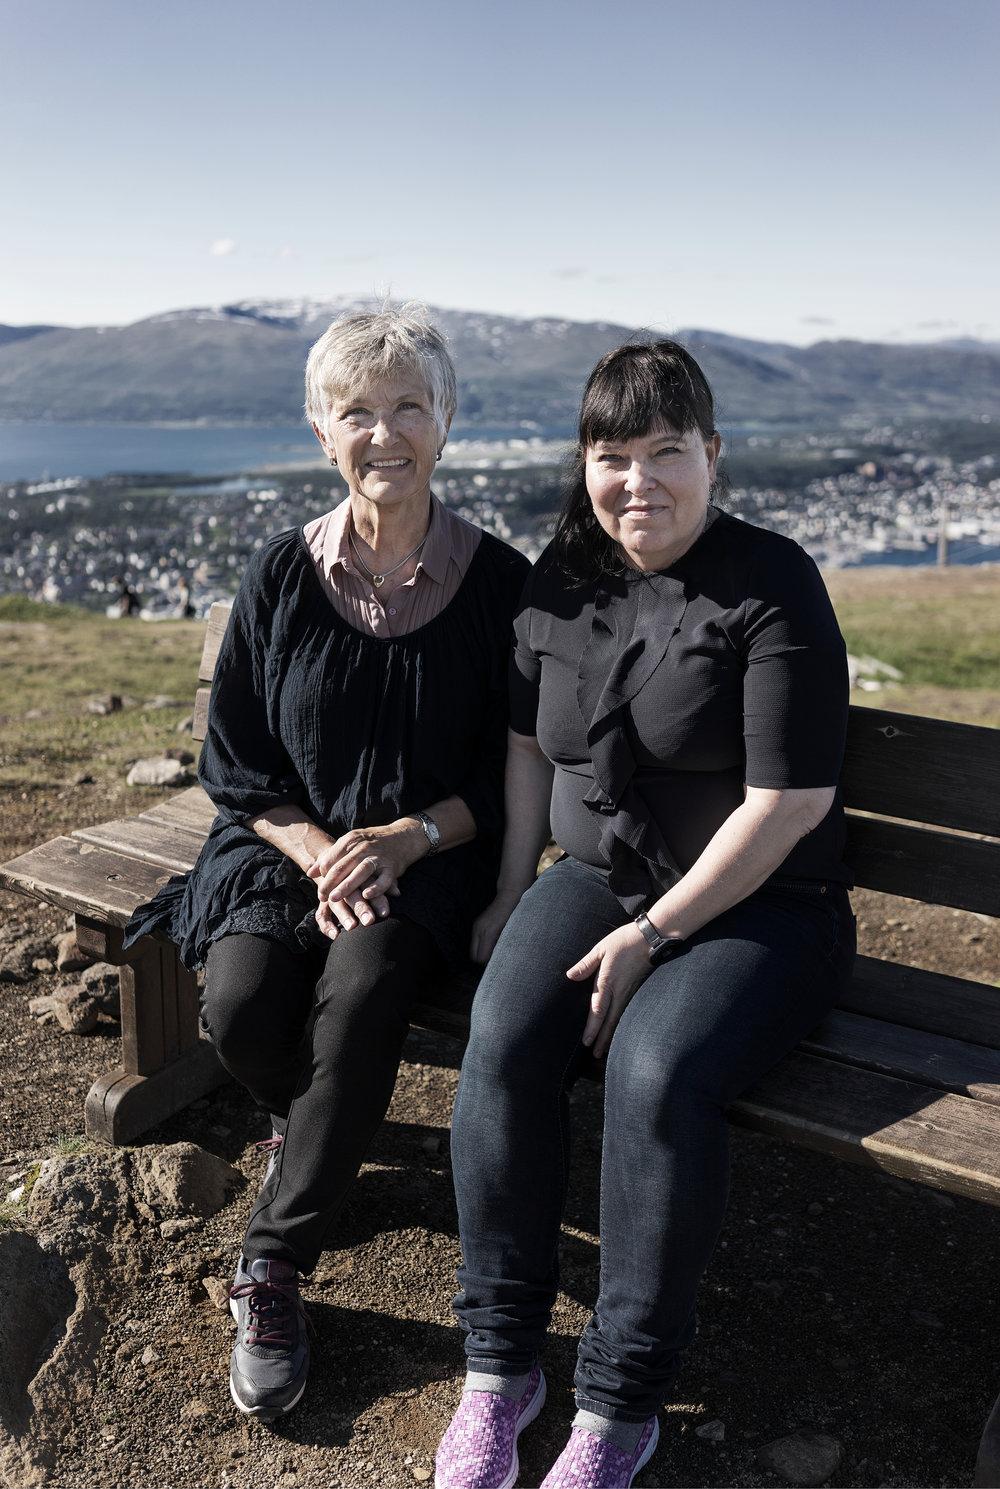 Karin og Tordis er to av 2.5 millioner frivillige som låner bort litt av seg selv og får masse tilbake. Sammen med de andre på Vardesenteret i Tromsø gir de både kreftrammede og pårørende en pause i hverdagen. En til to dager i uken er Karin og Tordis gode eksempler på hvorfor frivillighet er givende for alle involverte.Foto: Tangrystan.